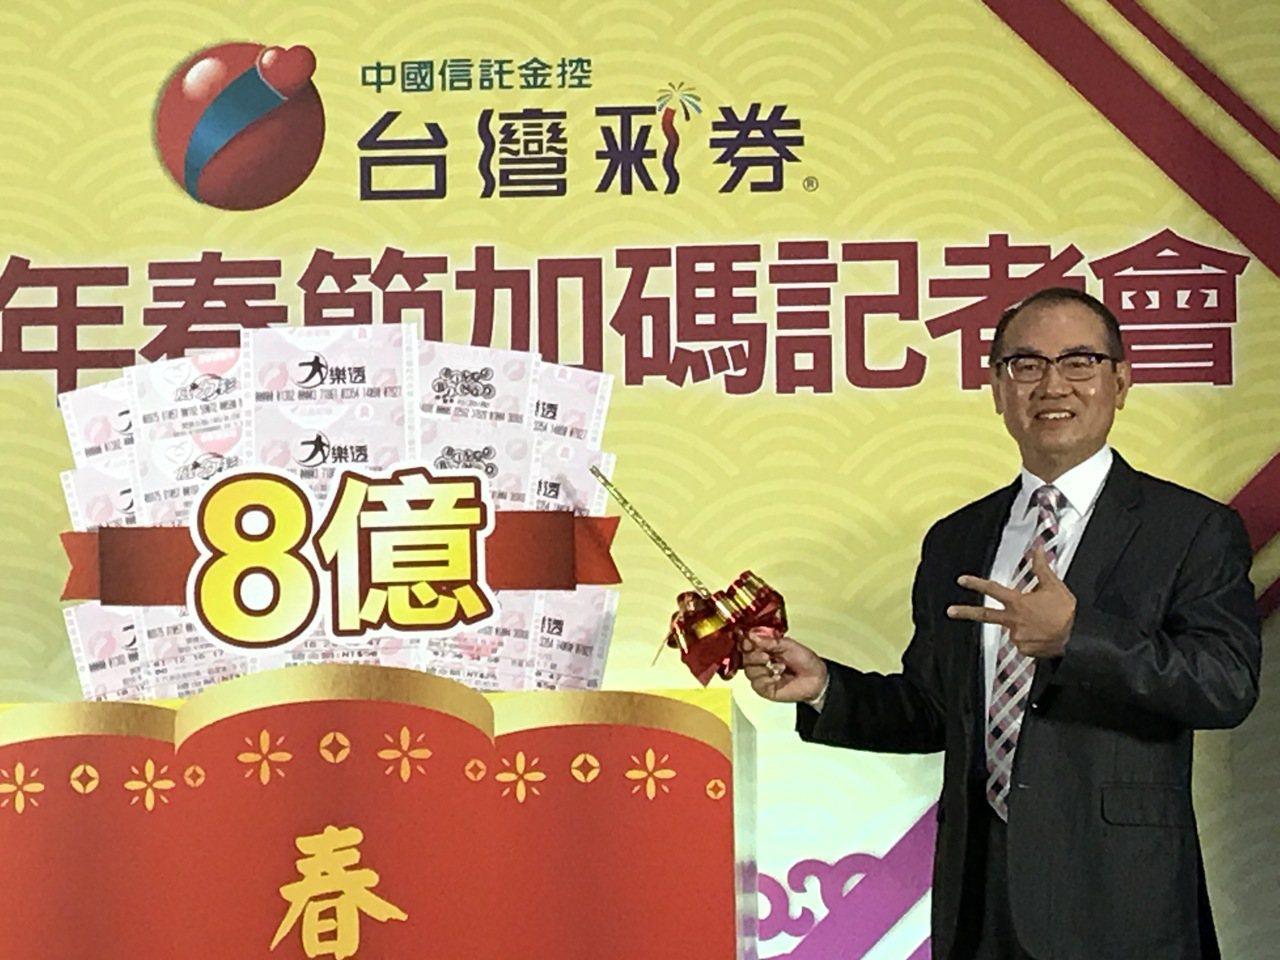 台彩總經理蔡國基公布春節電腦型彩券加碼方案。記者陳怡慈/攝影